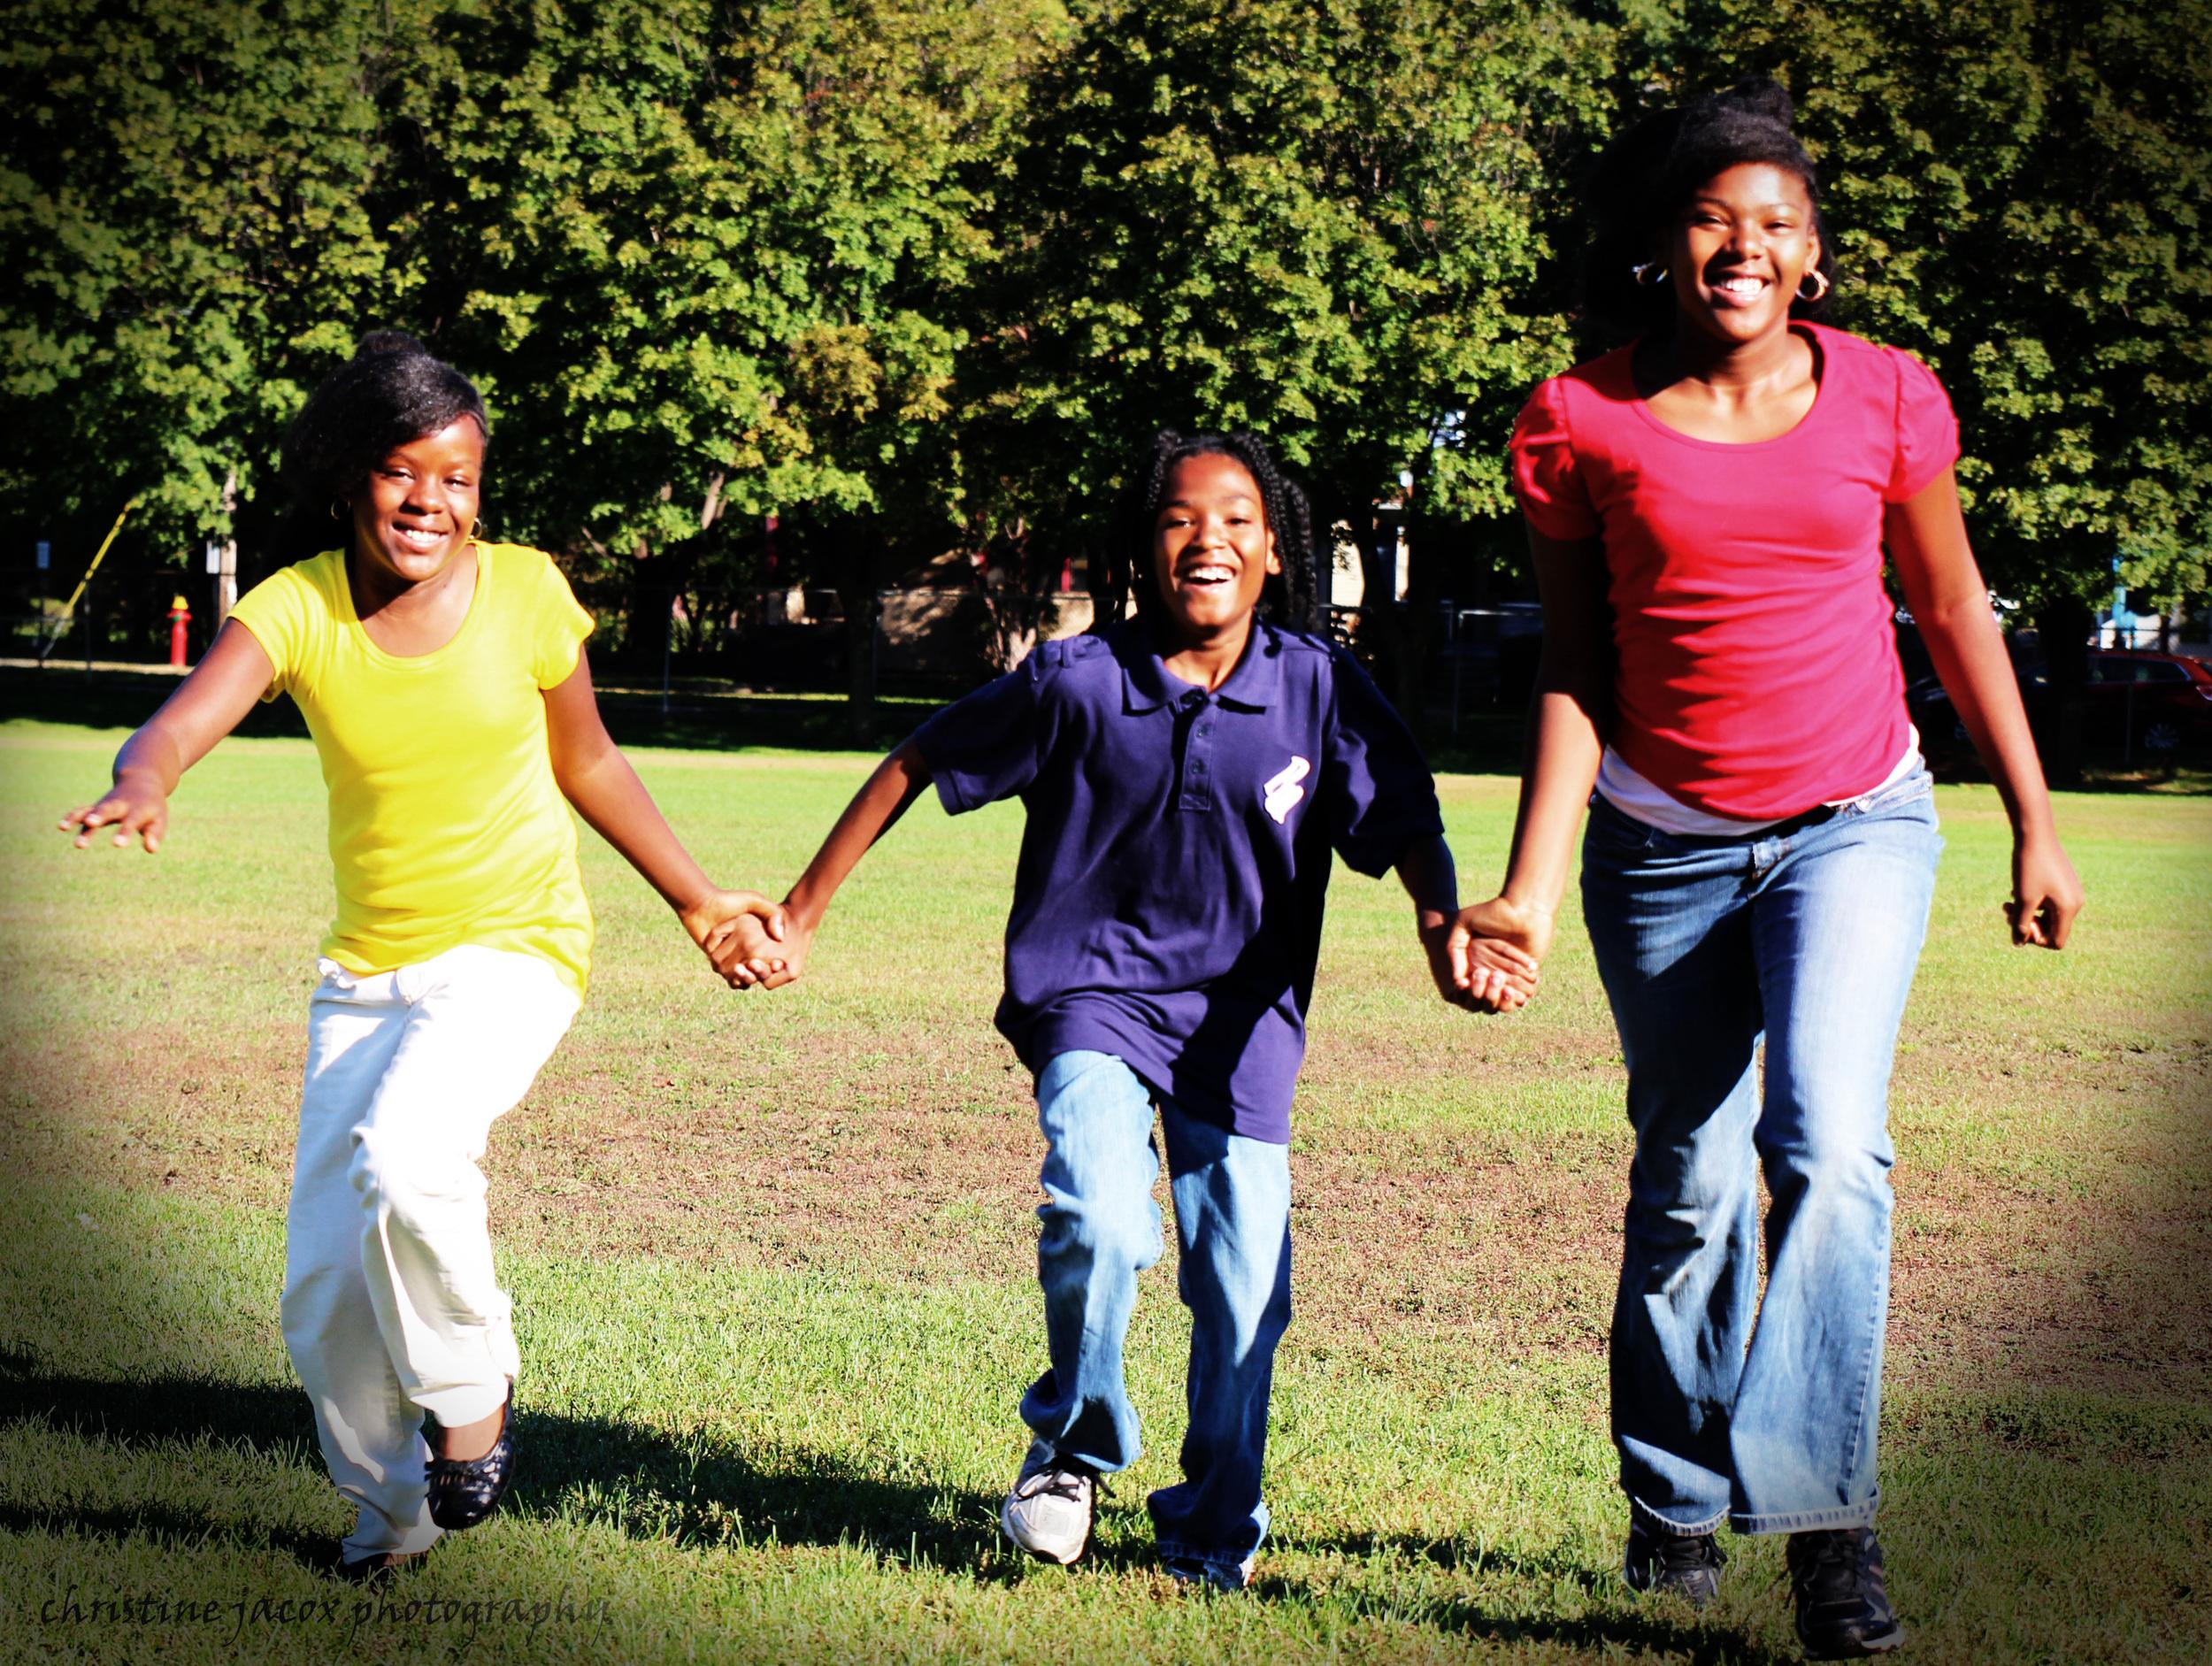 All the kids running.jpg